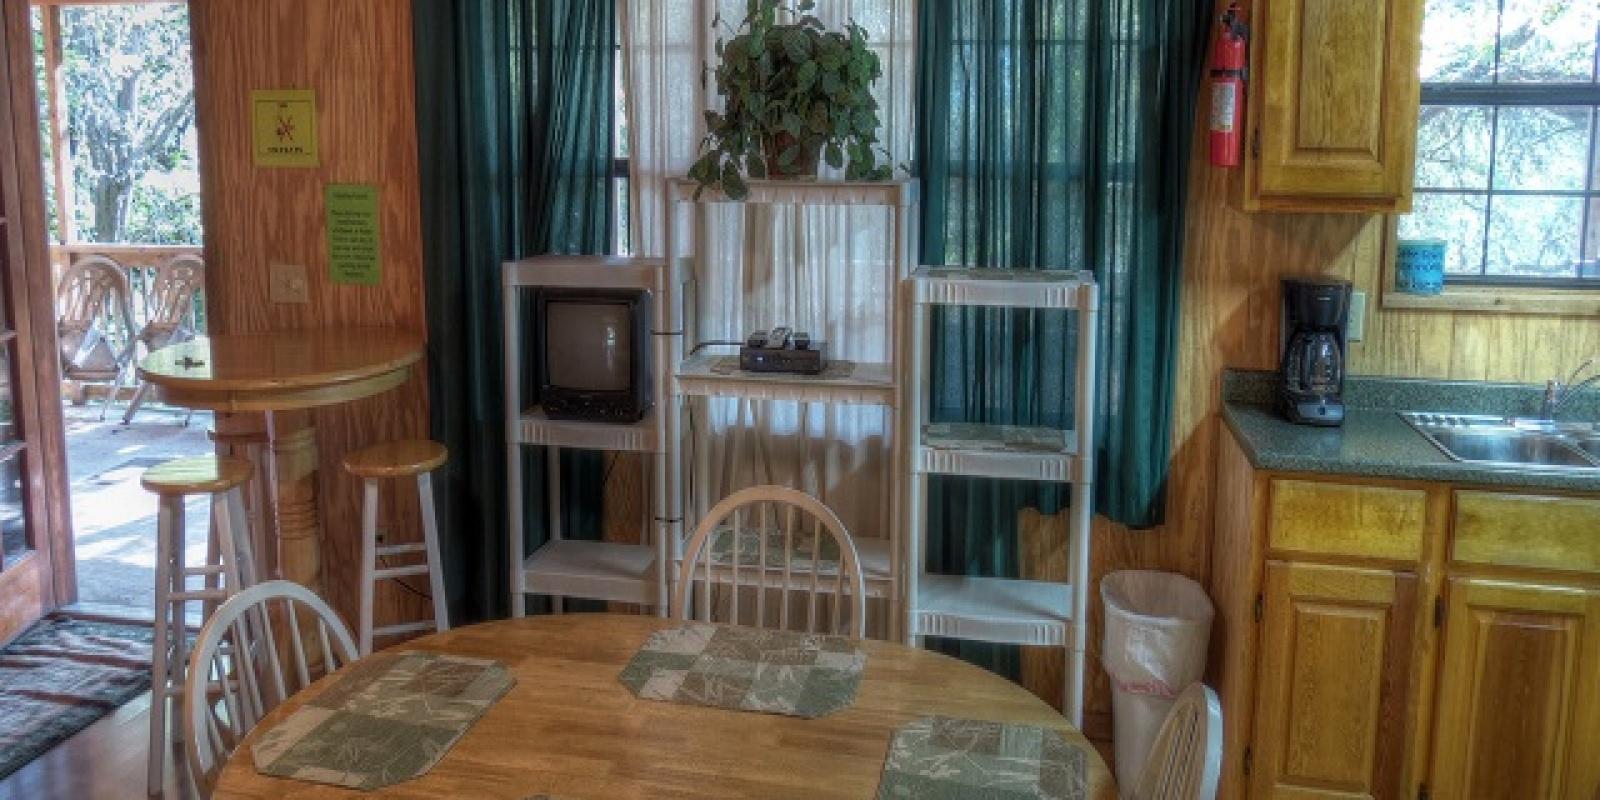 N US Highway 83, Concan, 78838, 5 Bedrooms Bedrooms, ,4 BathroomsBathrooms,Water Access,Sold,N US Highway 83,1059